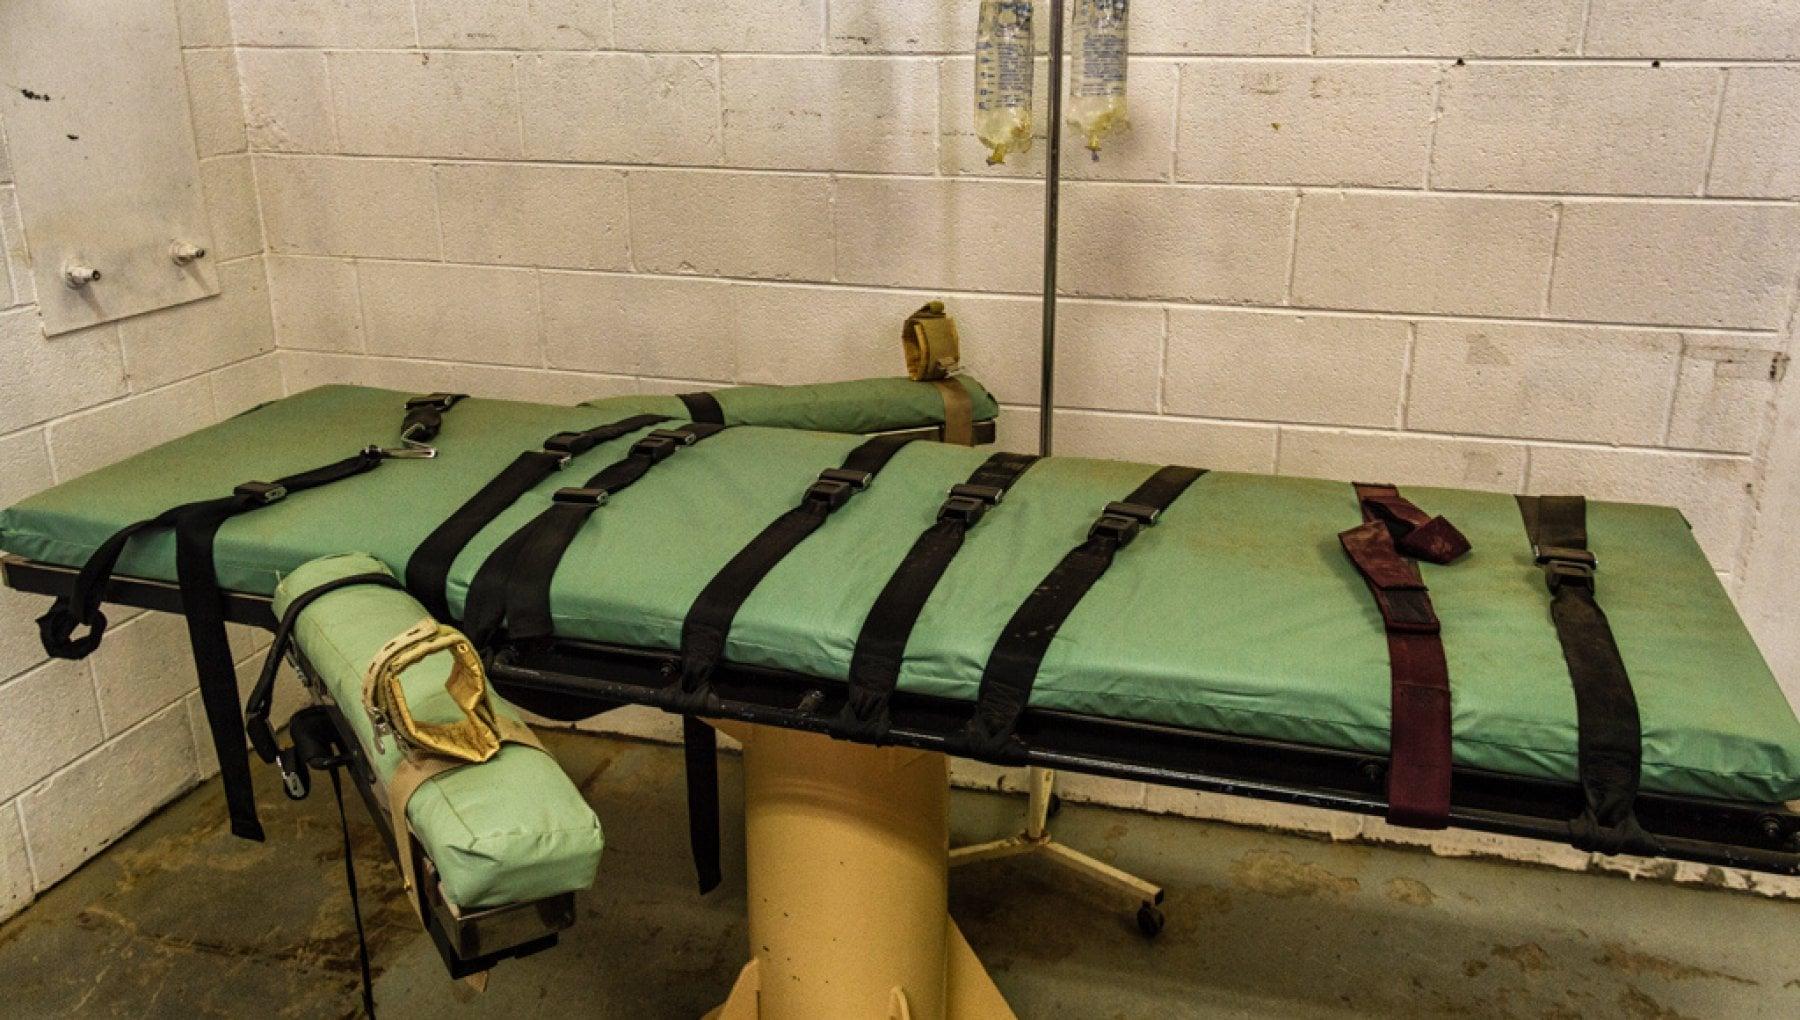 Usa via libera allesecuzione dellunica donna nel braccio della morte 1